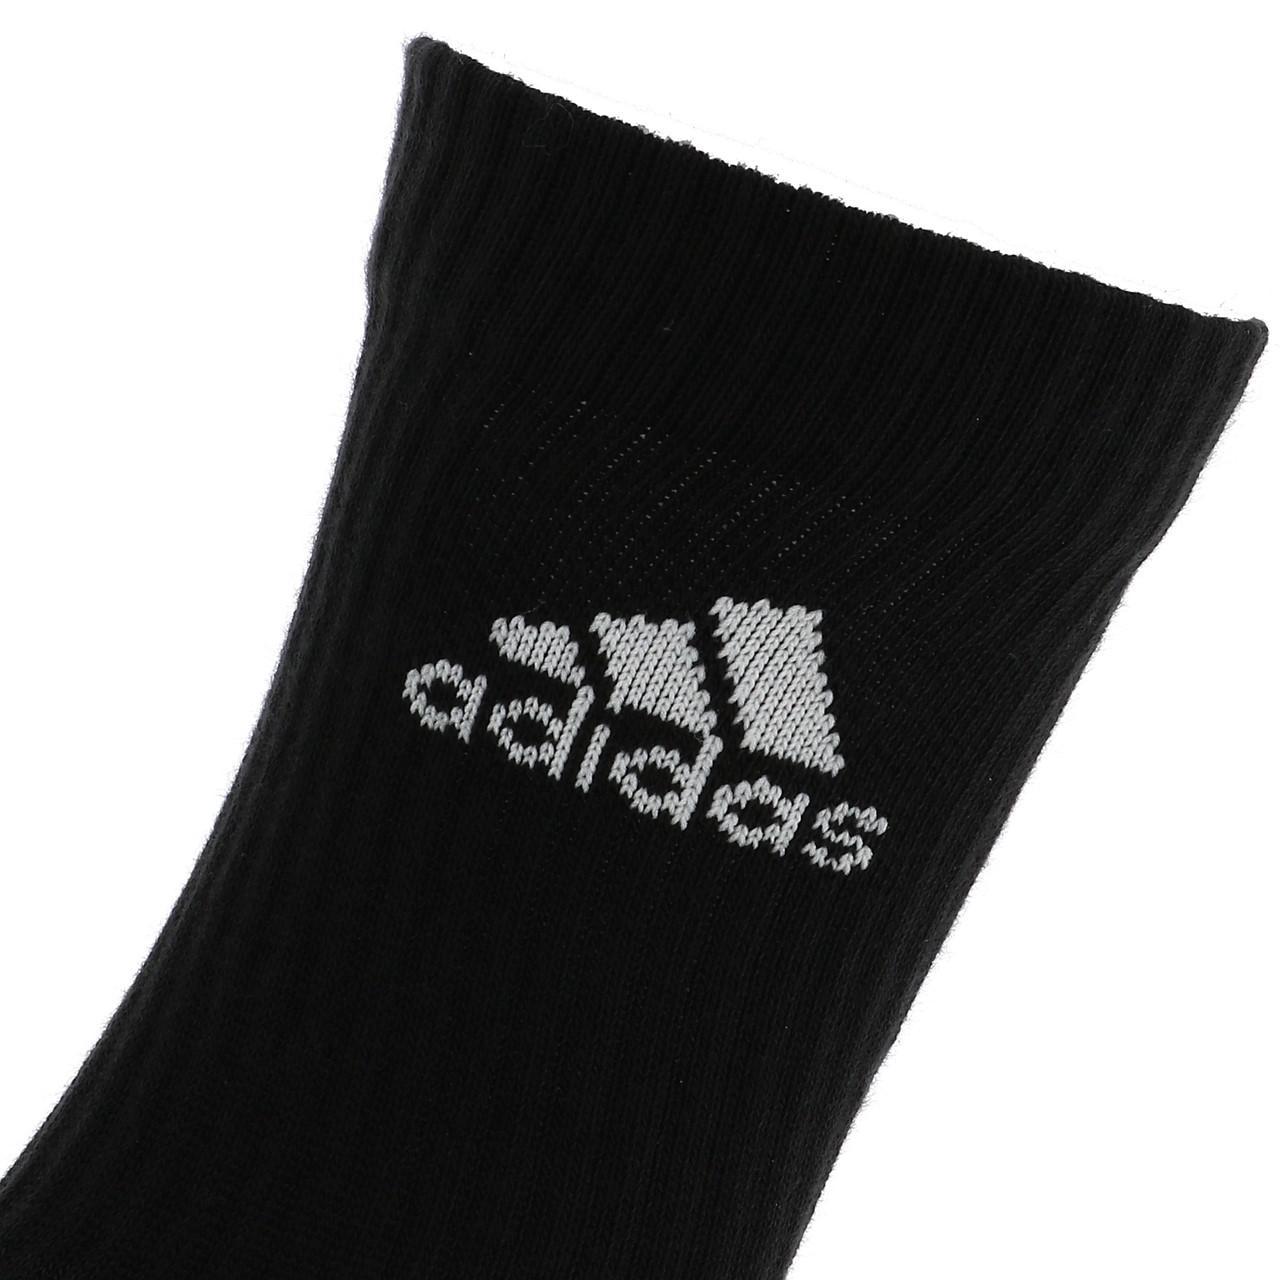 Short-Socks-Socks-Adidas-3s-Perf-Crew-cho7-nr-6pp-Black-19049-New thumbnail 3